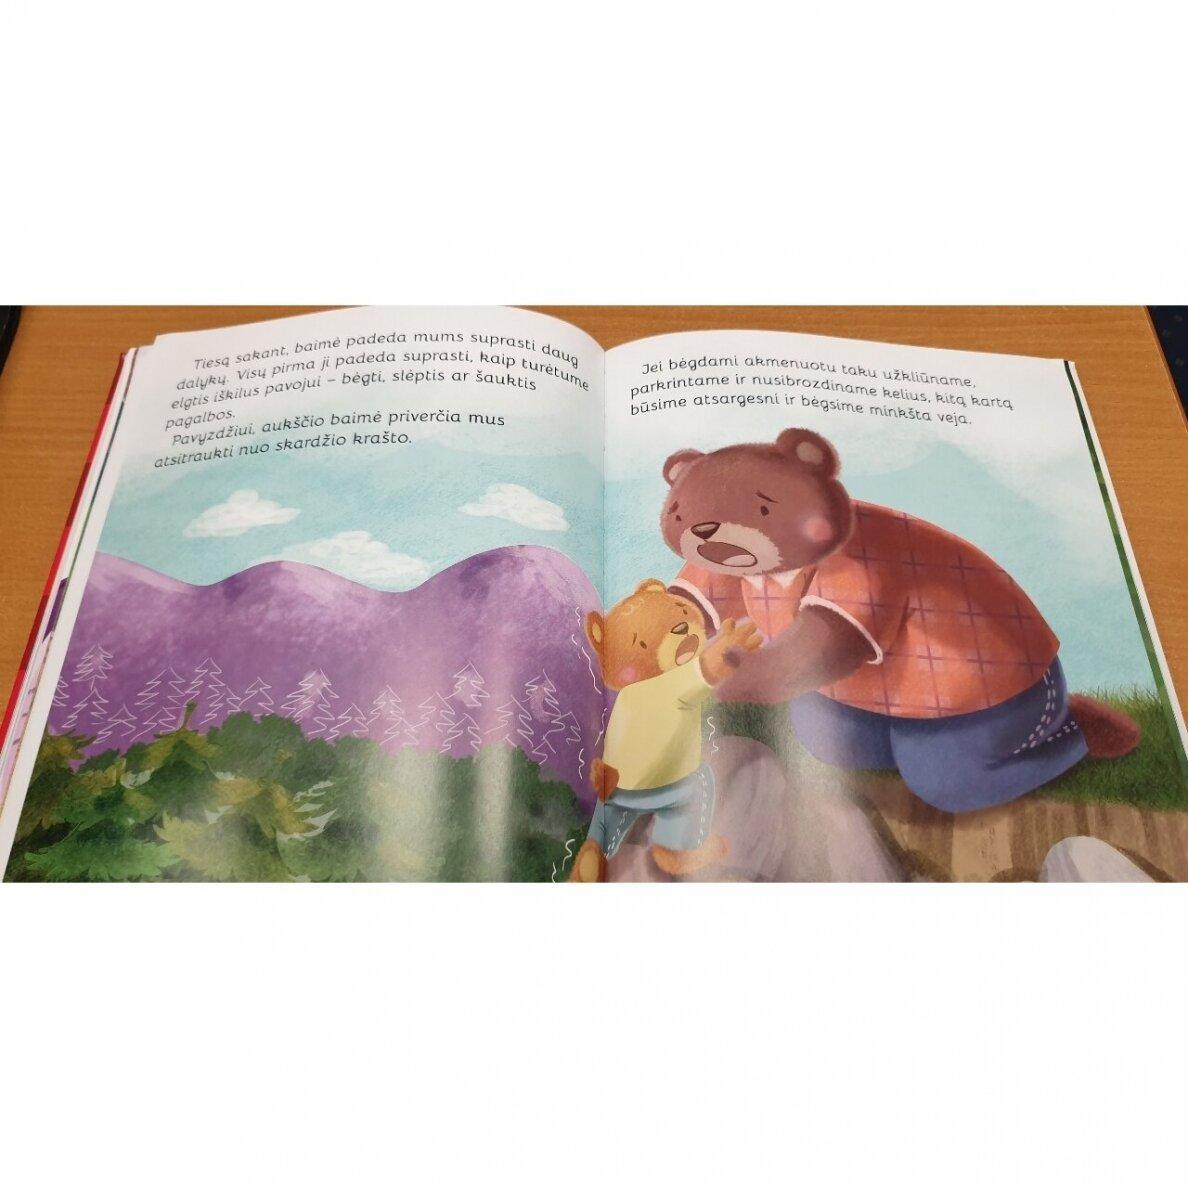 Mano didžioji emocijų knyga. Puikūs trumpi pasakojimai apie emocijas ir jausmus |